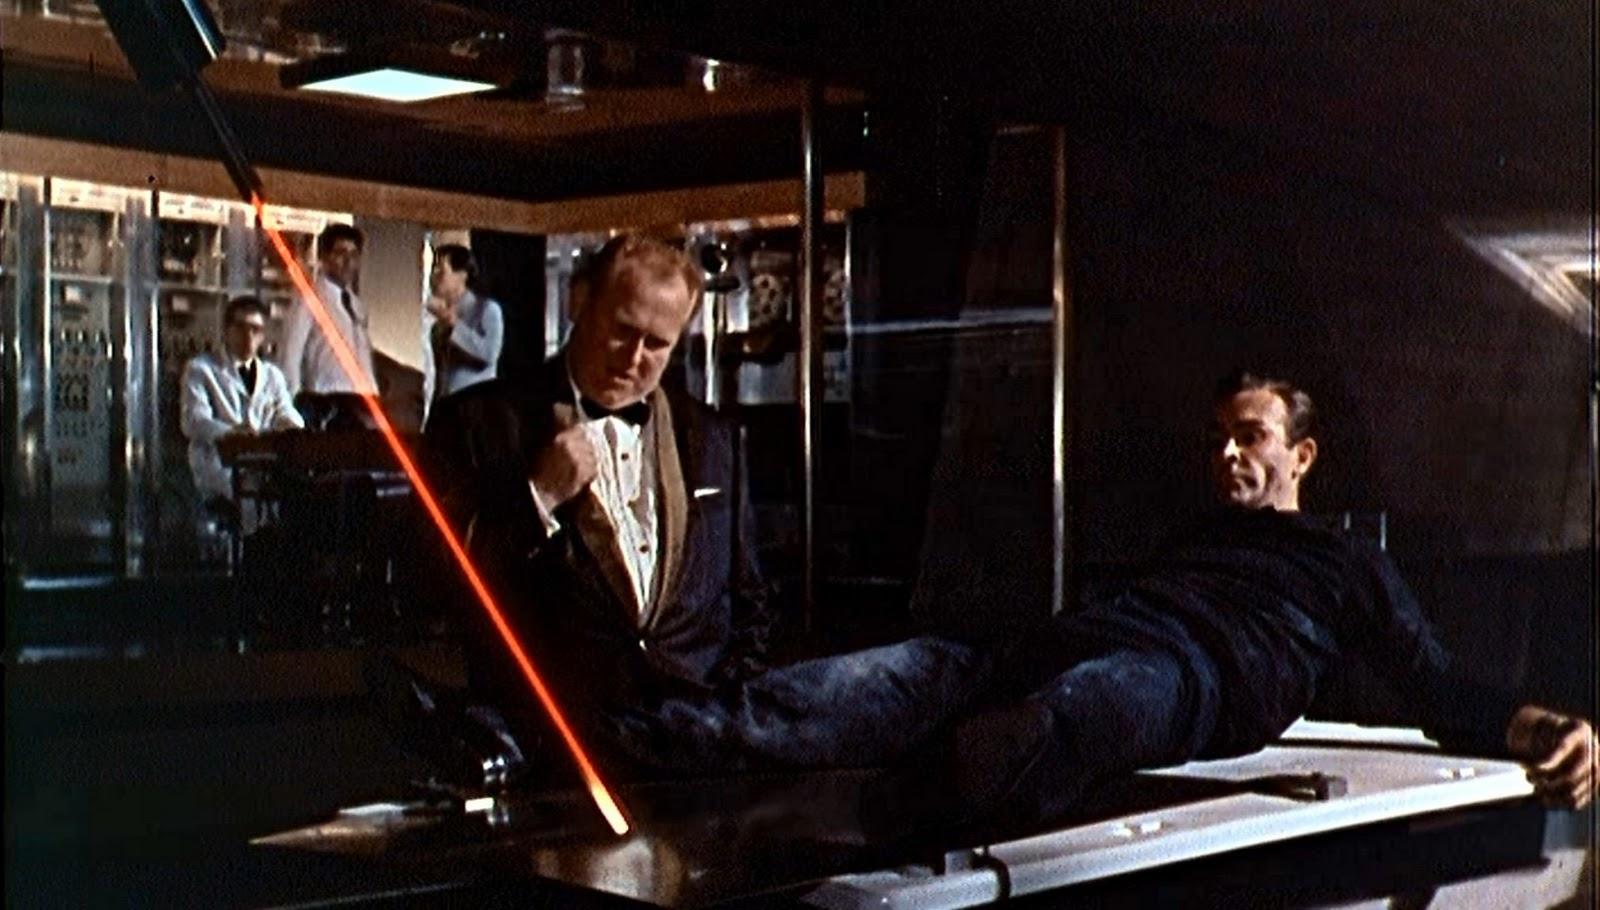 James Bond, interprété par Sean Connery, est allongé sur une table et risque l'émasculation par un rayon qui remonte depuis ses pieds jusqu'à son entrejambe.